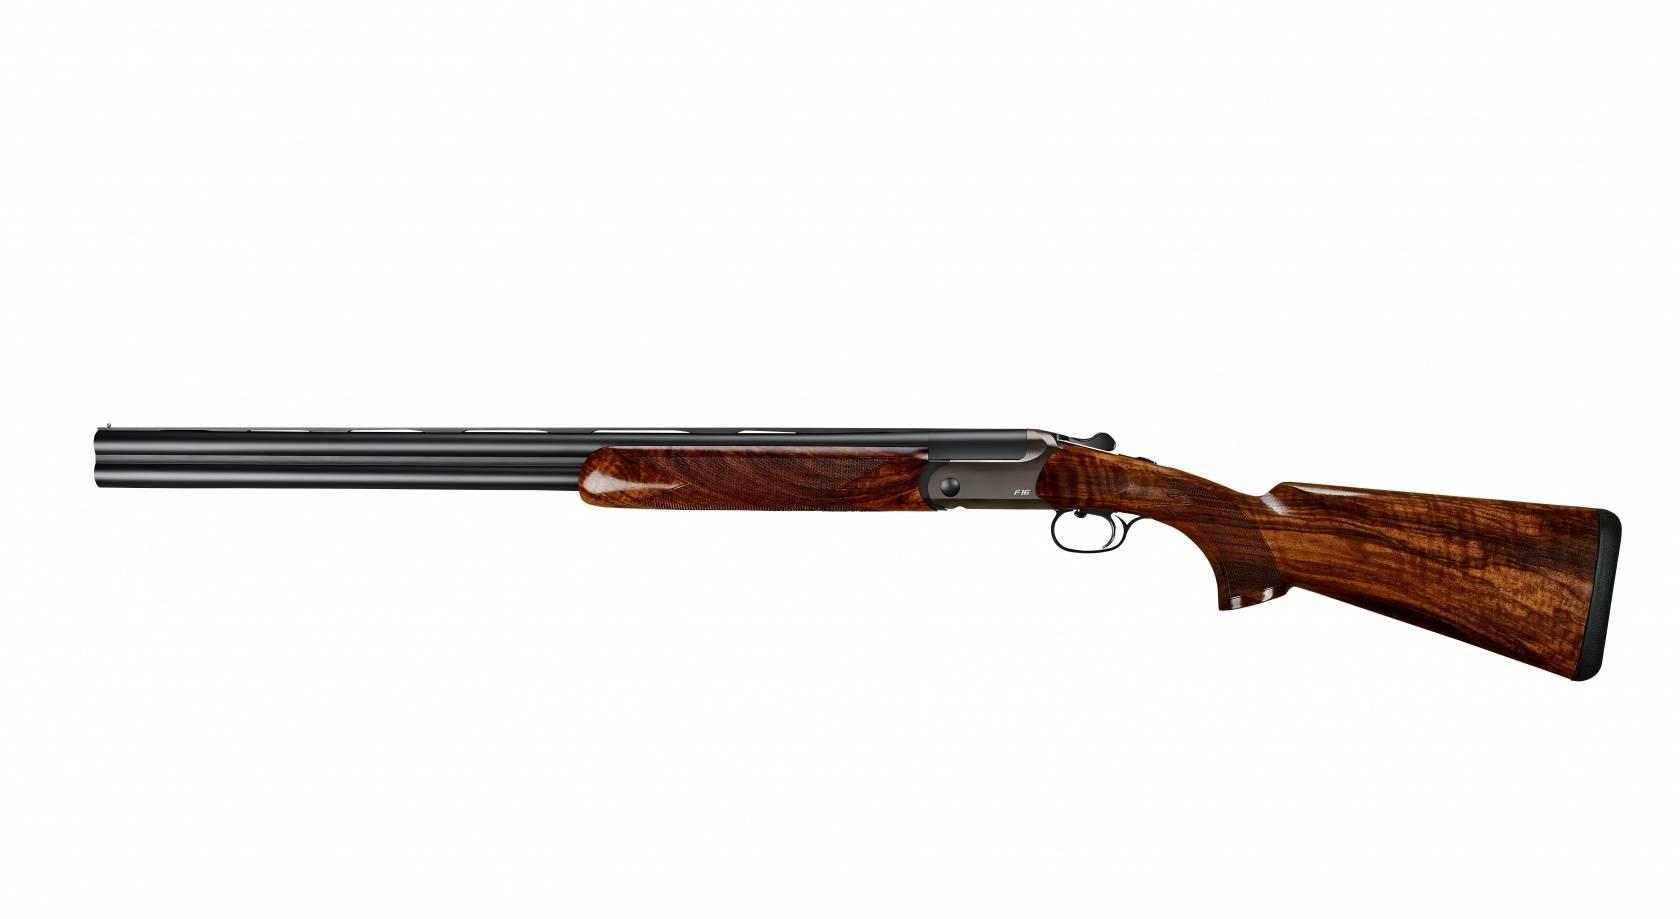 Снайперы и винтовки xix века. охотничьи ружья: история развития от фитильных аркебуз до современных моделей